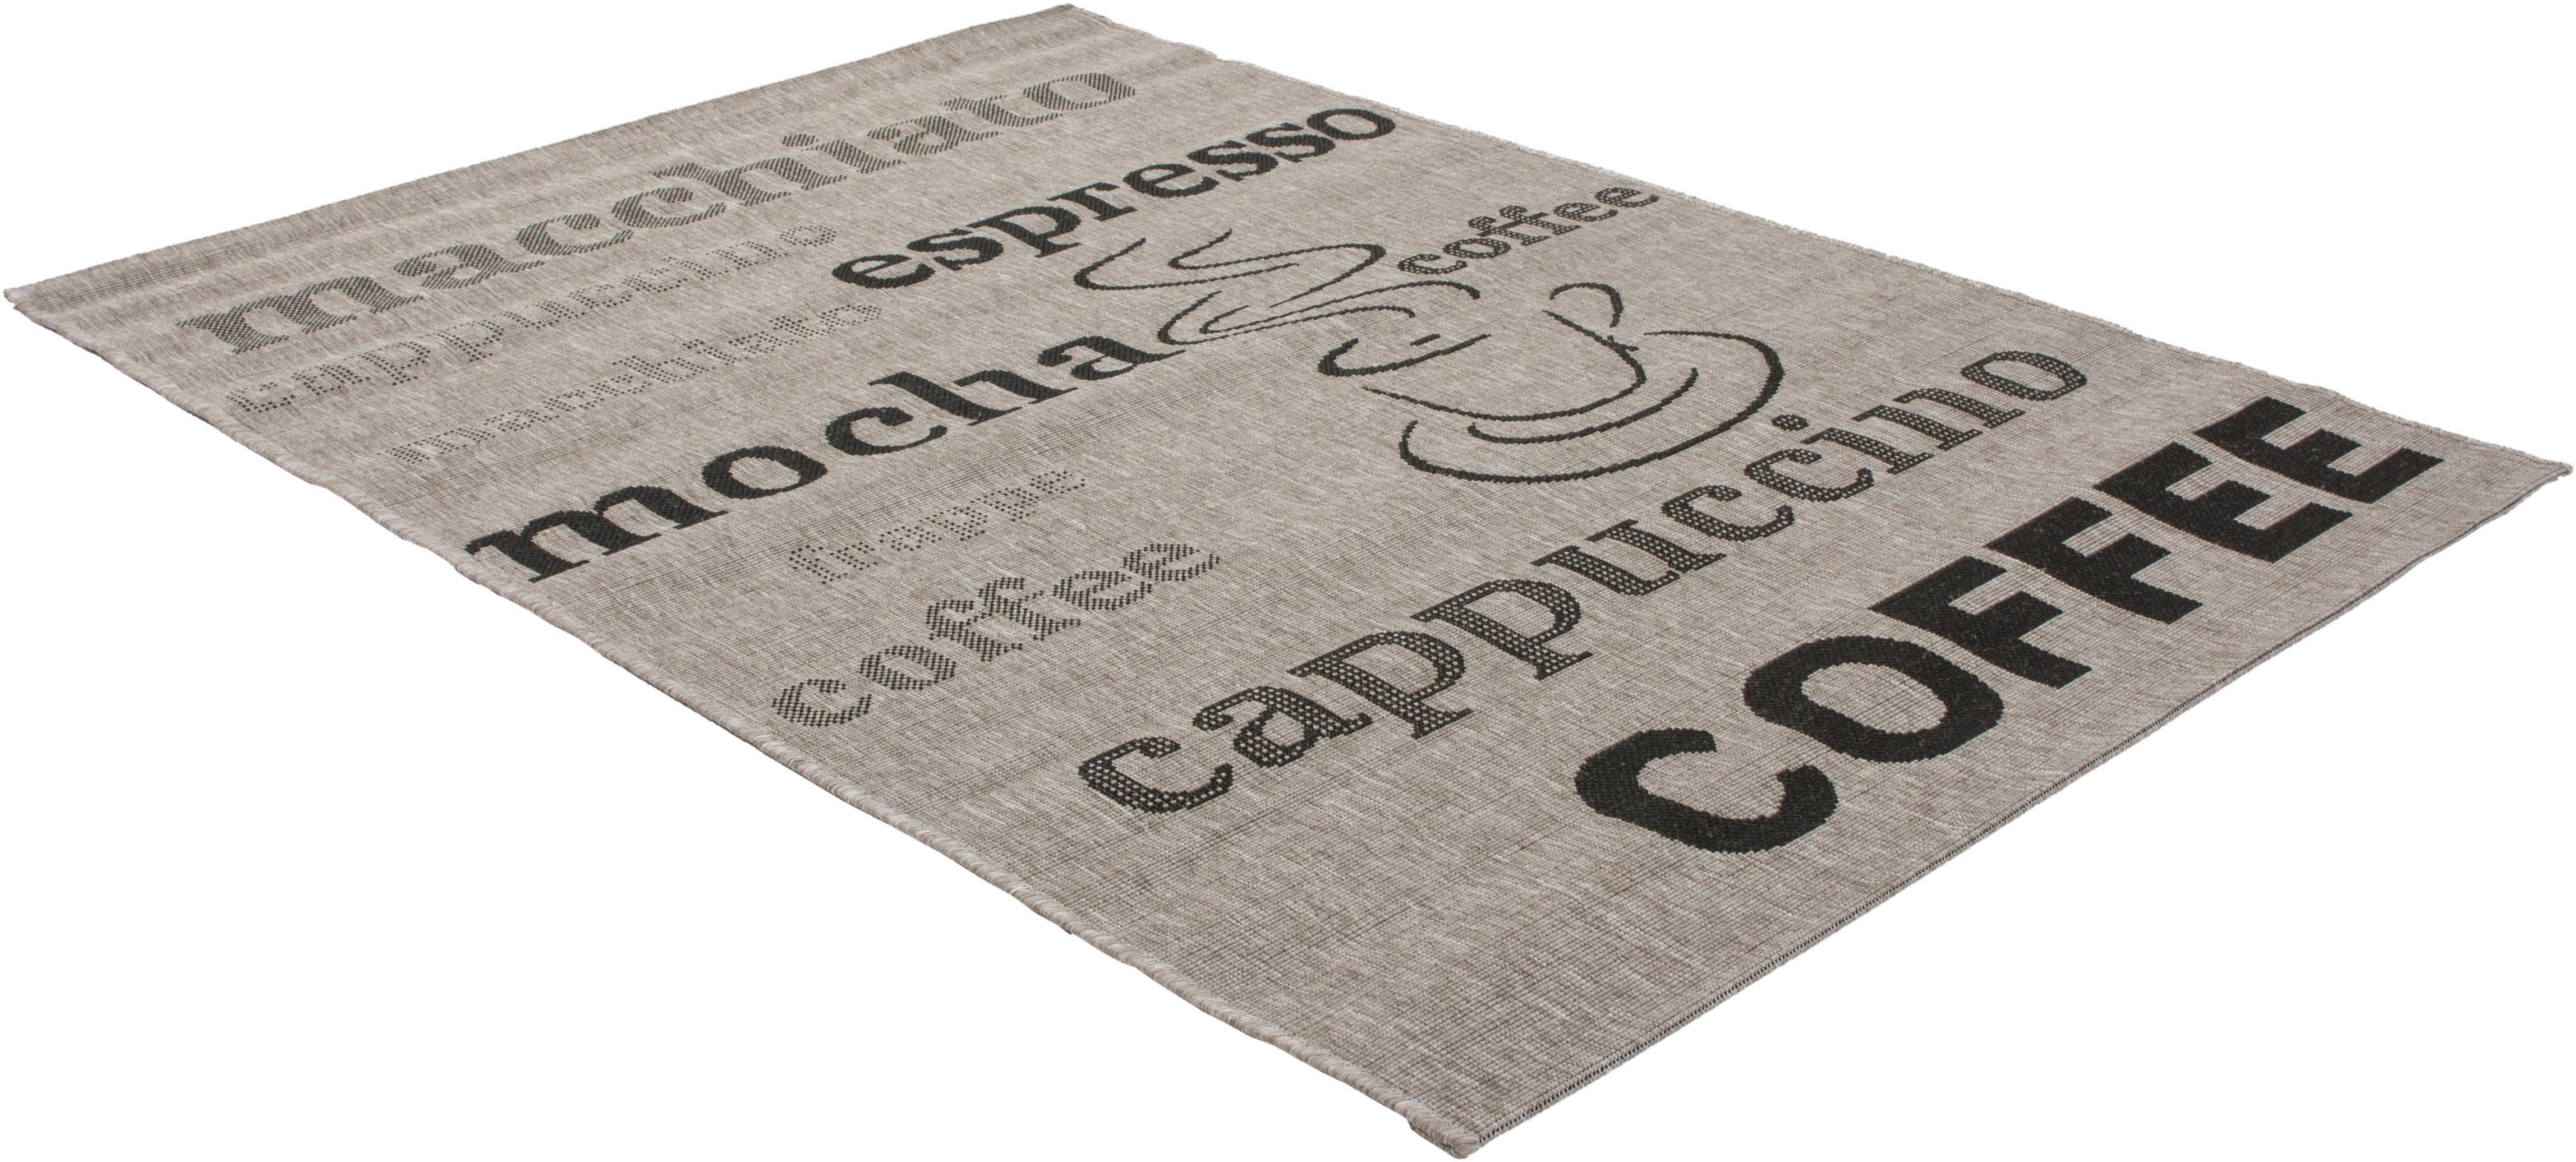 Teppich Trejo 610 calo-deluxe rechteckig Höhe 5 mm maschinell gewebt